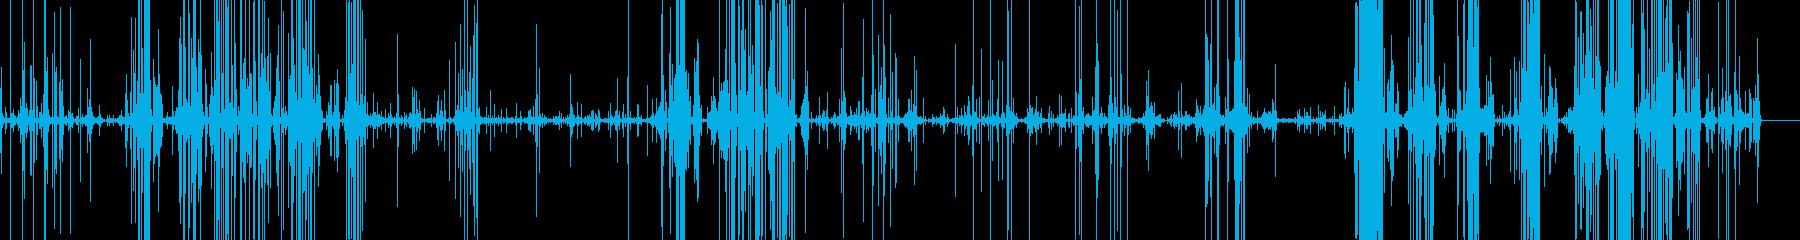 スライムを潰すパチパチという音の再生済みの波形